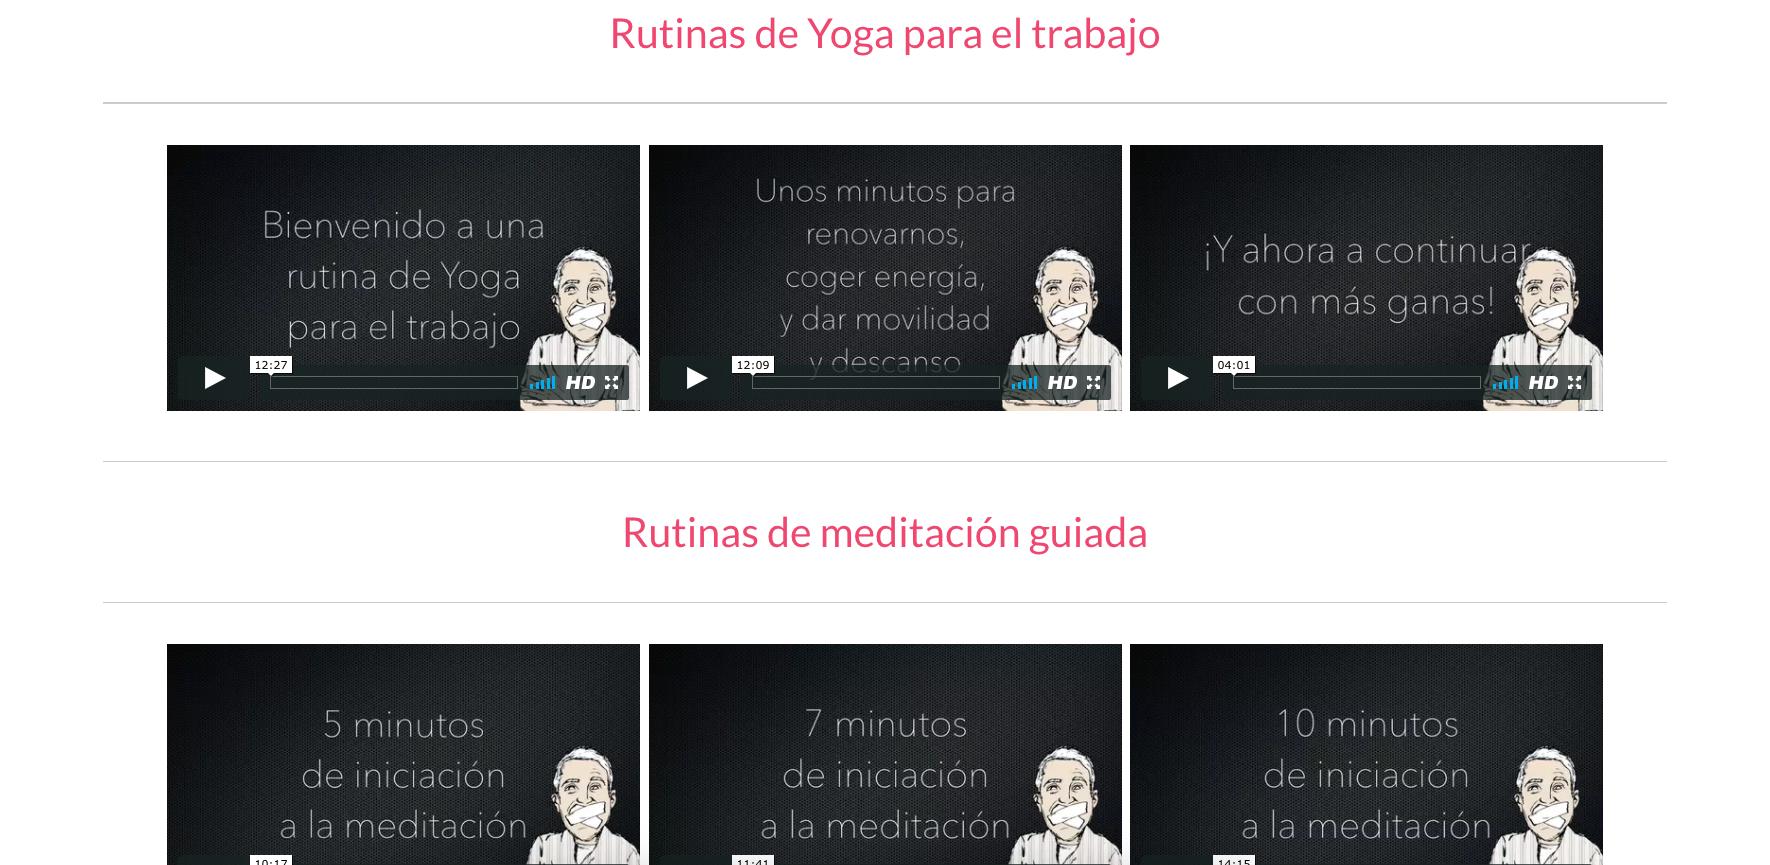 rutinas de yoga